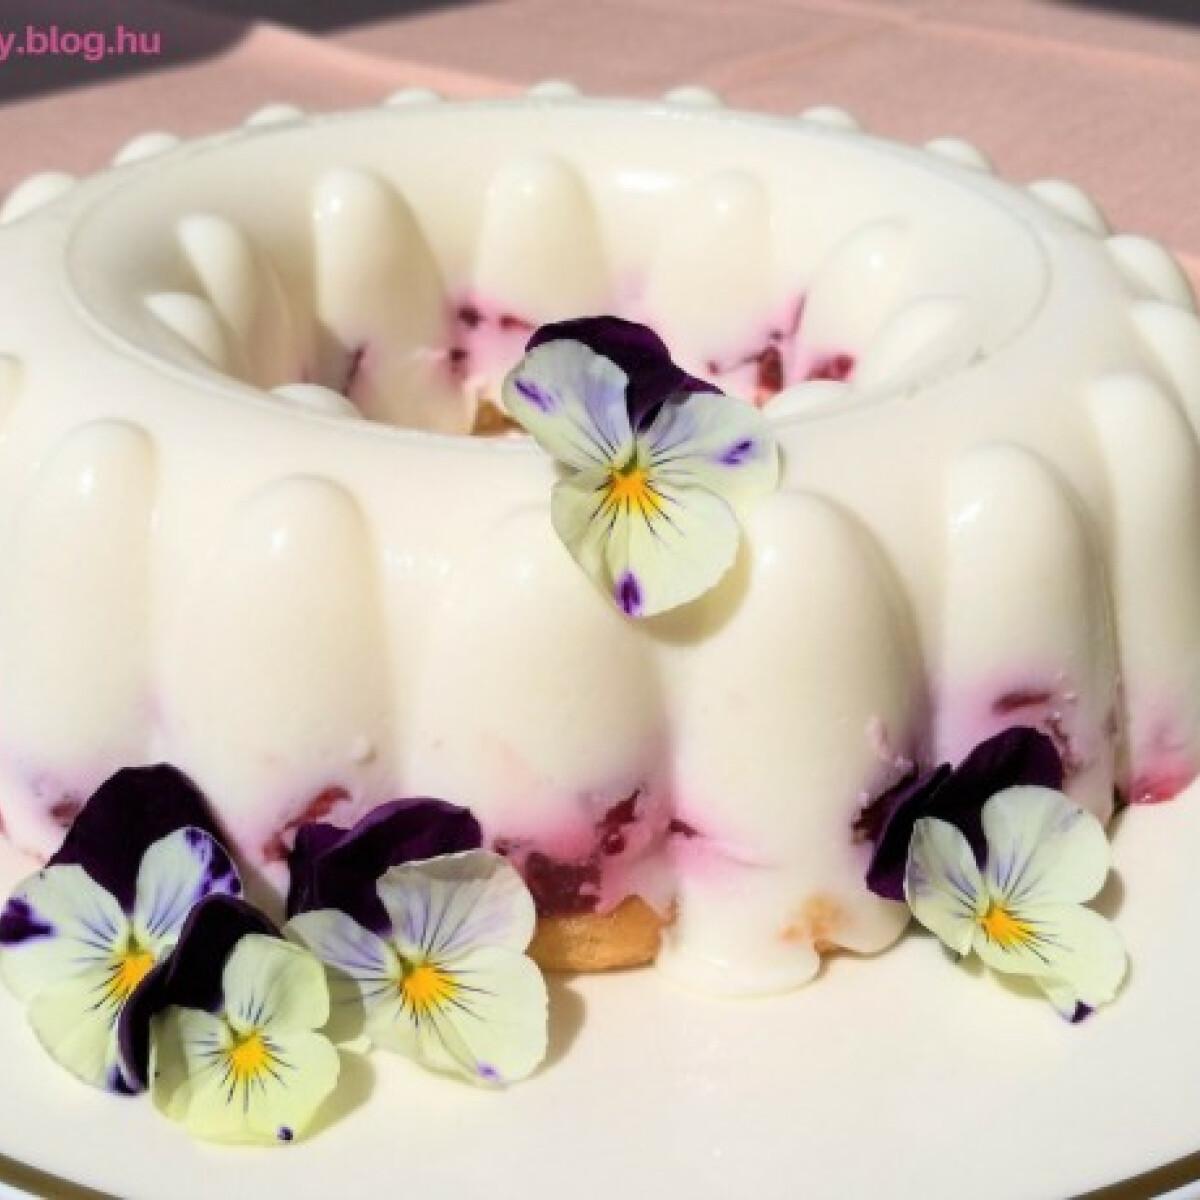 Ezen a képen: Habkönnyű epres-túrós desszert